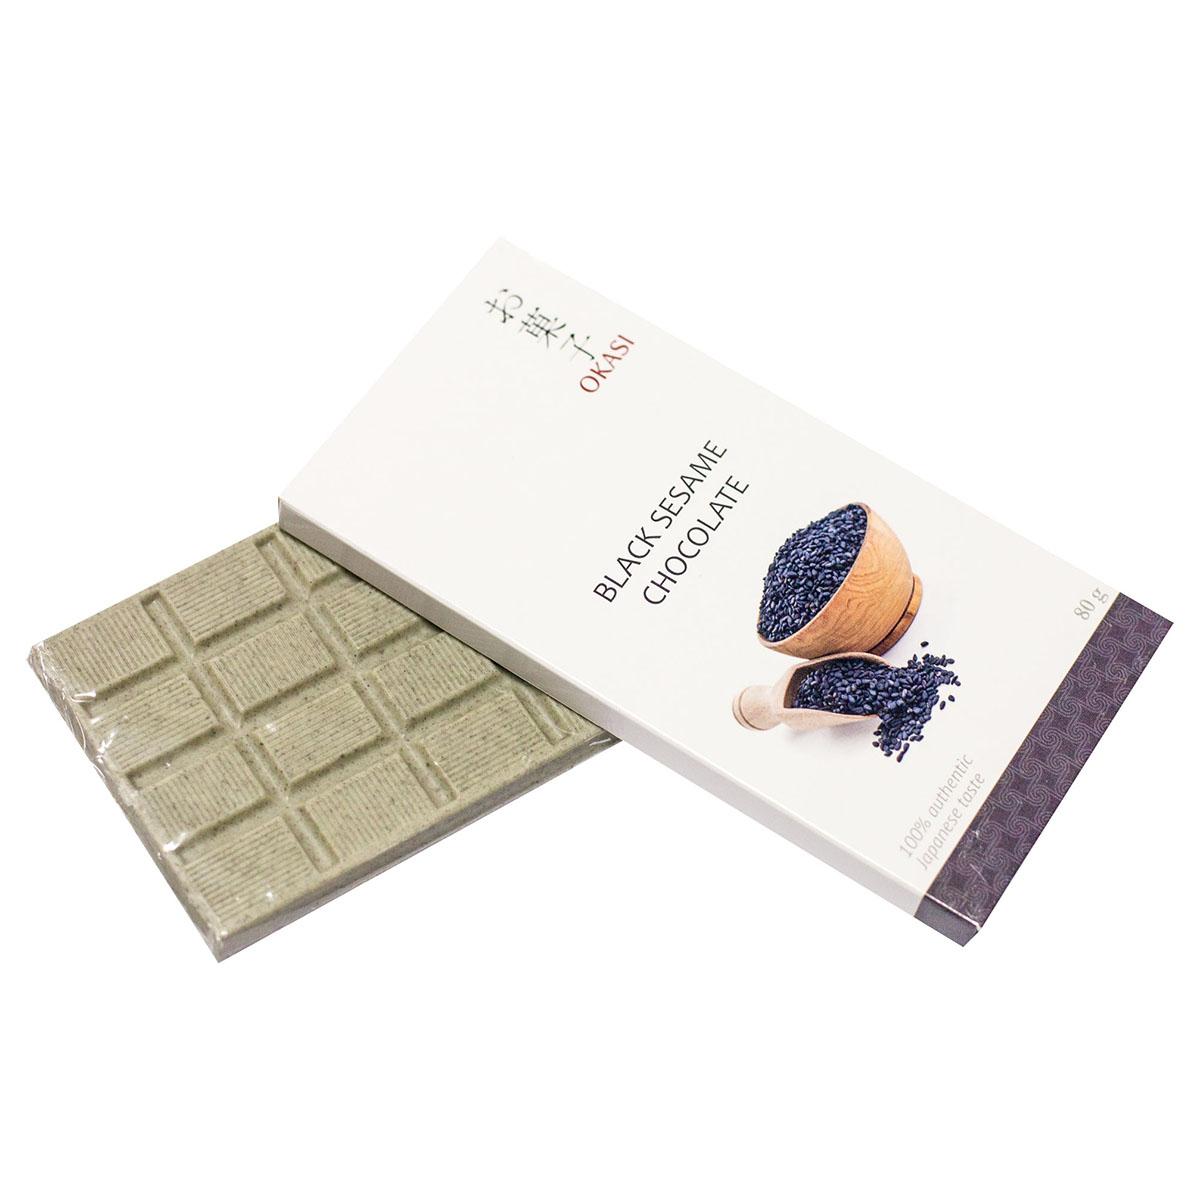 Шоколад Okasi с черным кунжутом, плитка, 80 г крекеры ufeelgood рисовые с черным кунжутом 60 г